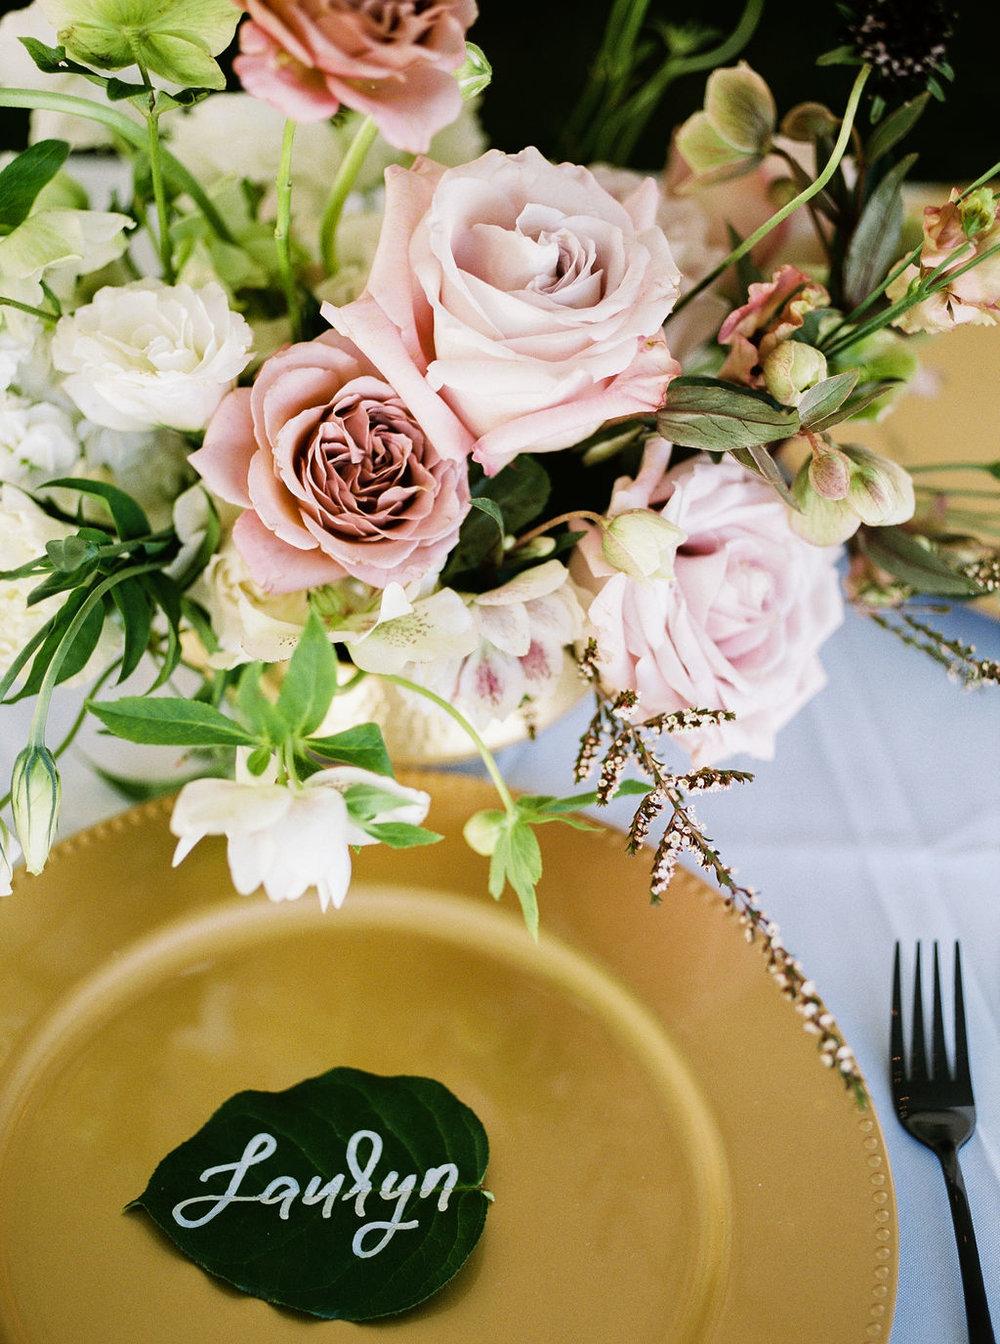 SpCamp-Sturtevant-Wausau-Wedding-Florist-KaseStyles-18-.jpglendidMusings-AshleyEvanWedding-163.jpg